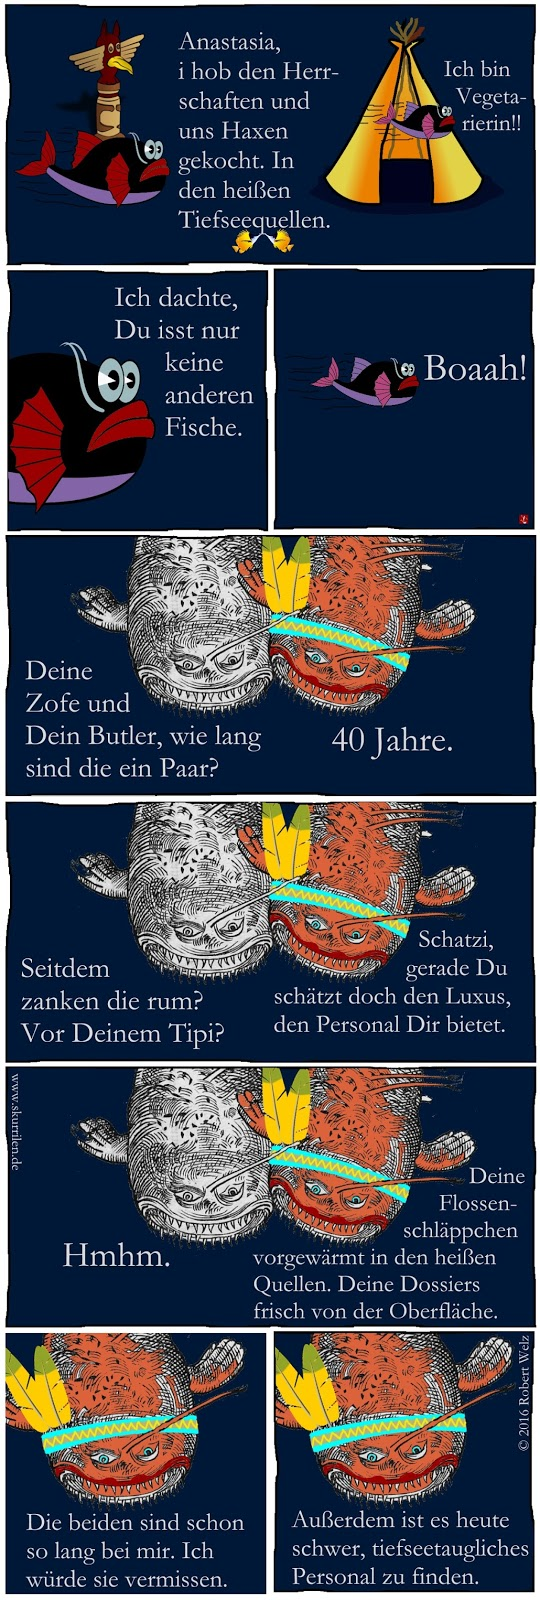 Witz untermeerisch. Die Fische krakeelen wieder rum. Diesmal geht es um Ernährungsfragen. Seeungeheuer F. Mulder und sein Schatz Pocahontas haben zuerst unterschiedliche Auffassungen.